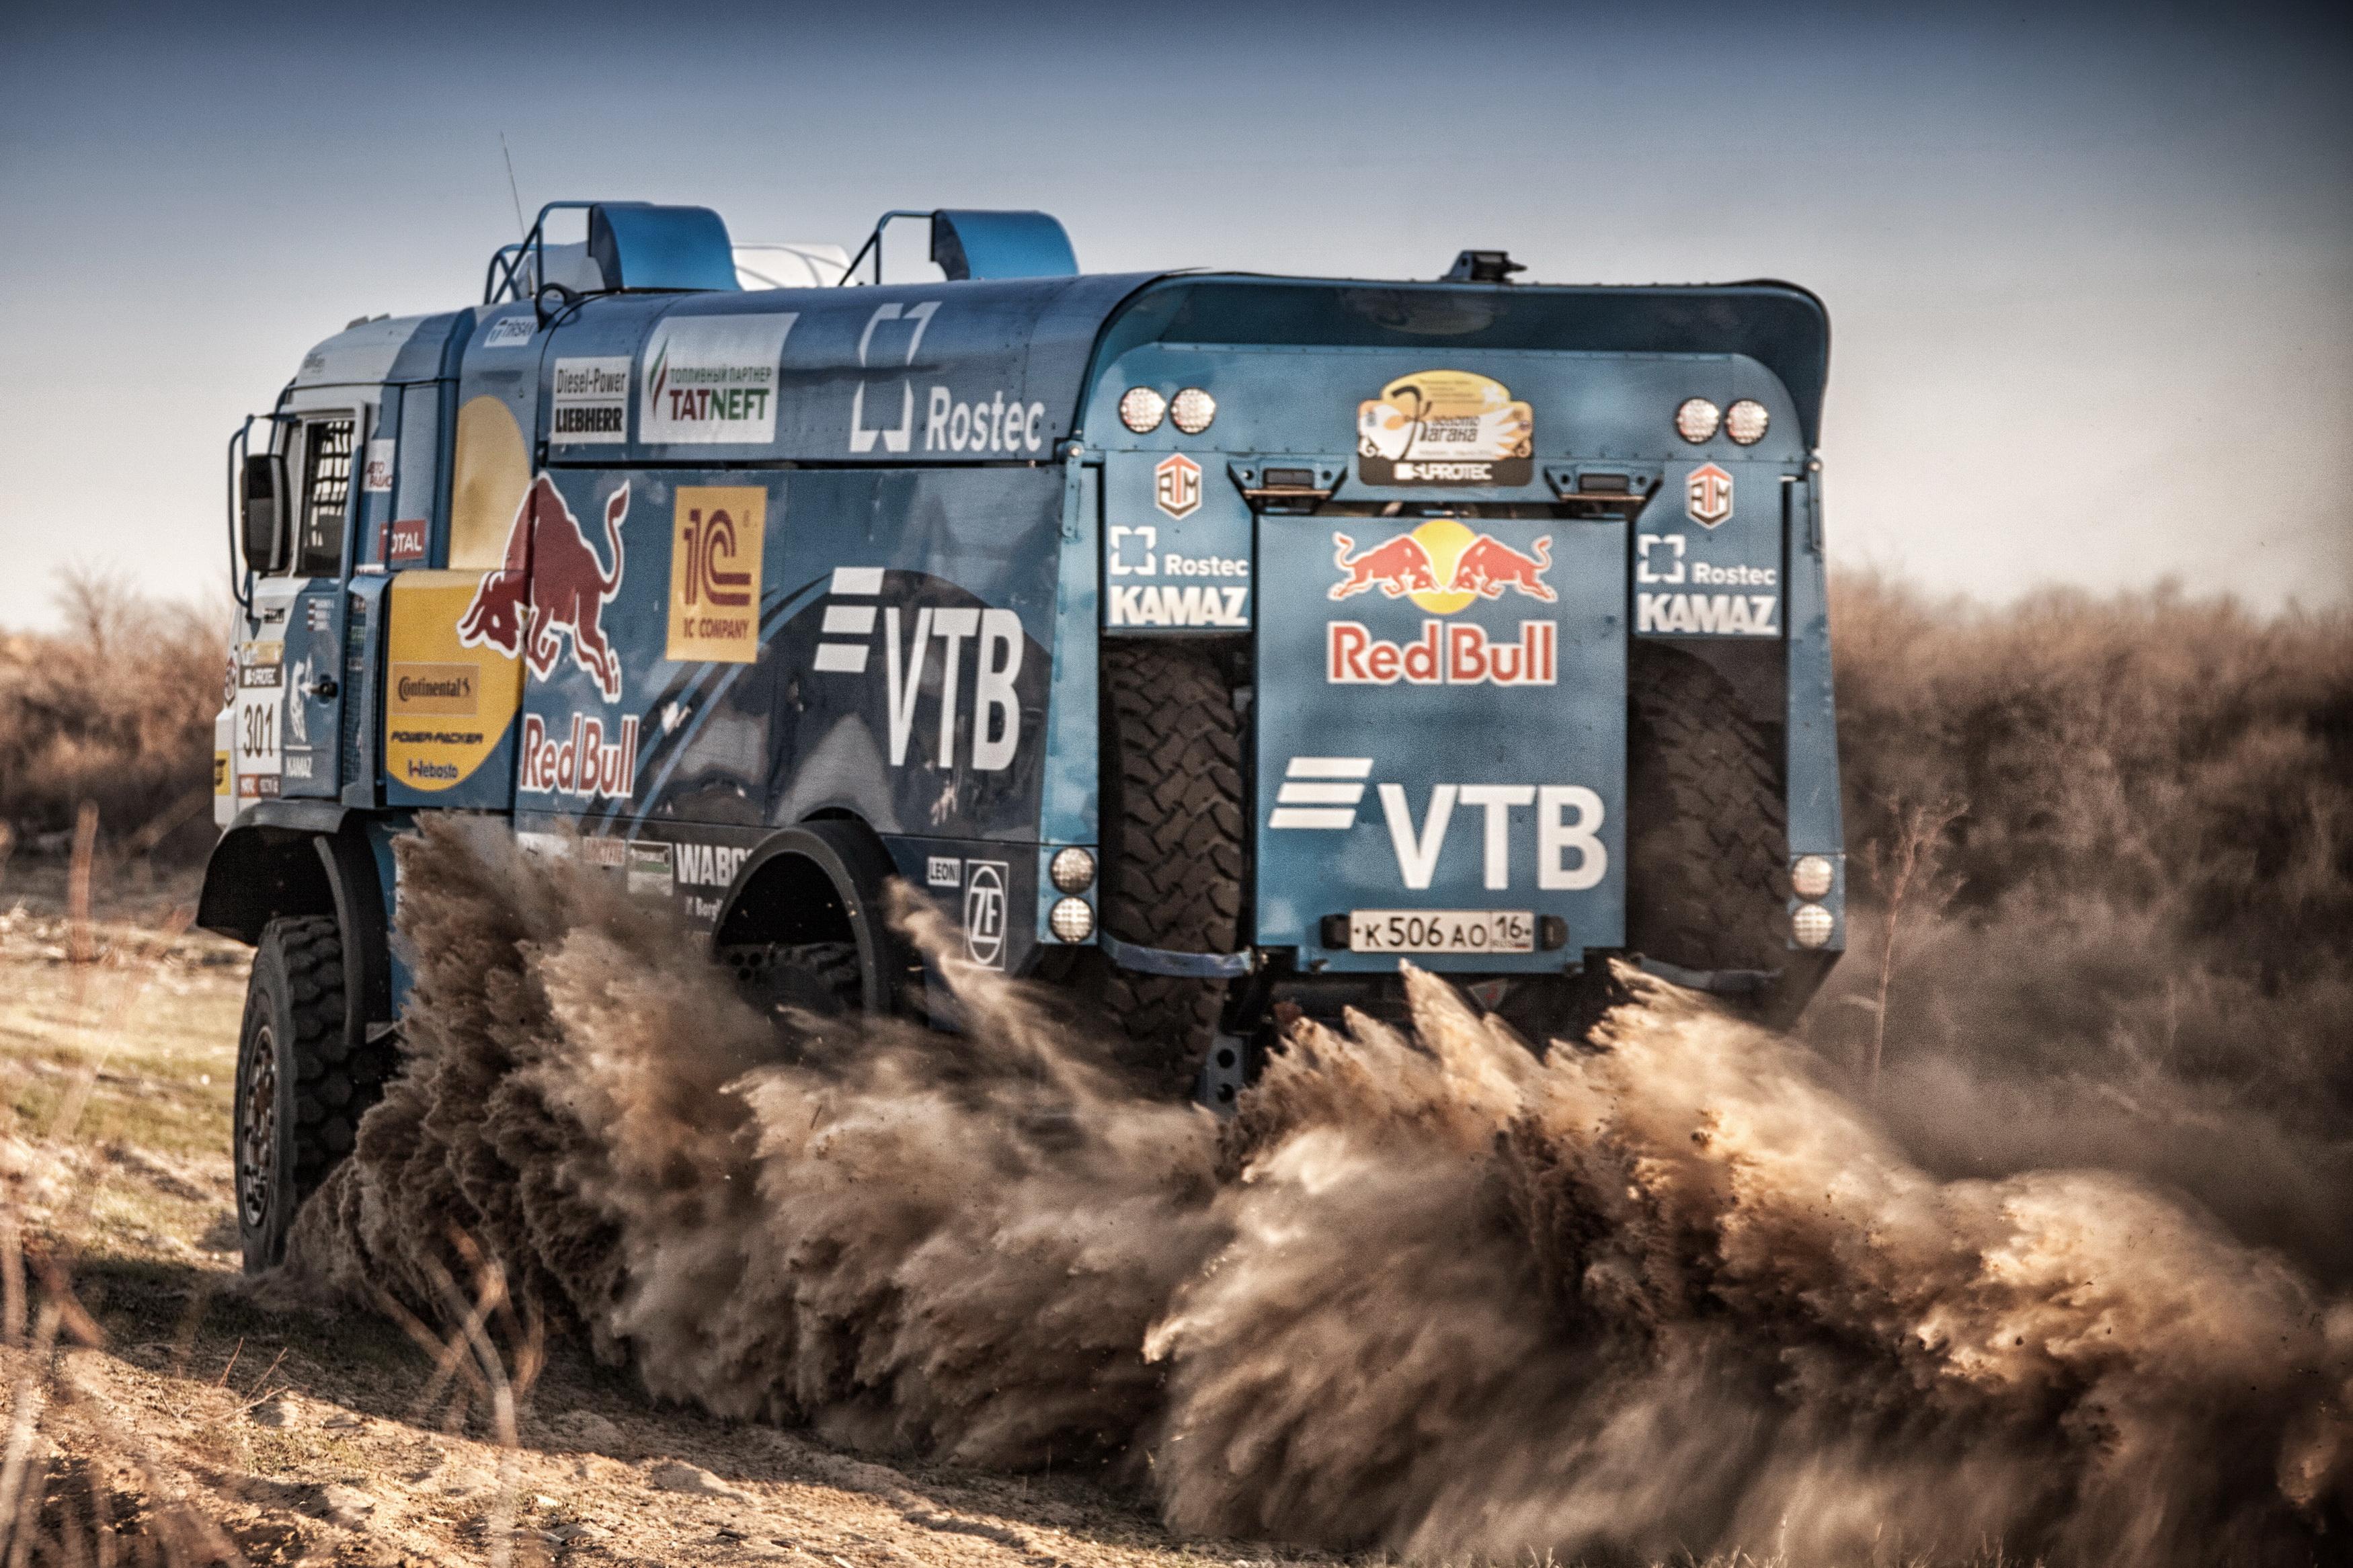 «КАМАЗ-мастер» выставит на ралли «Шёлковый путь-2018» шесть экипажей